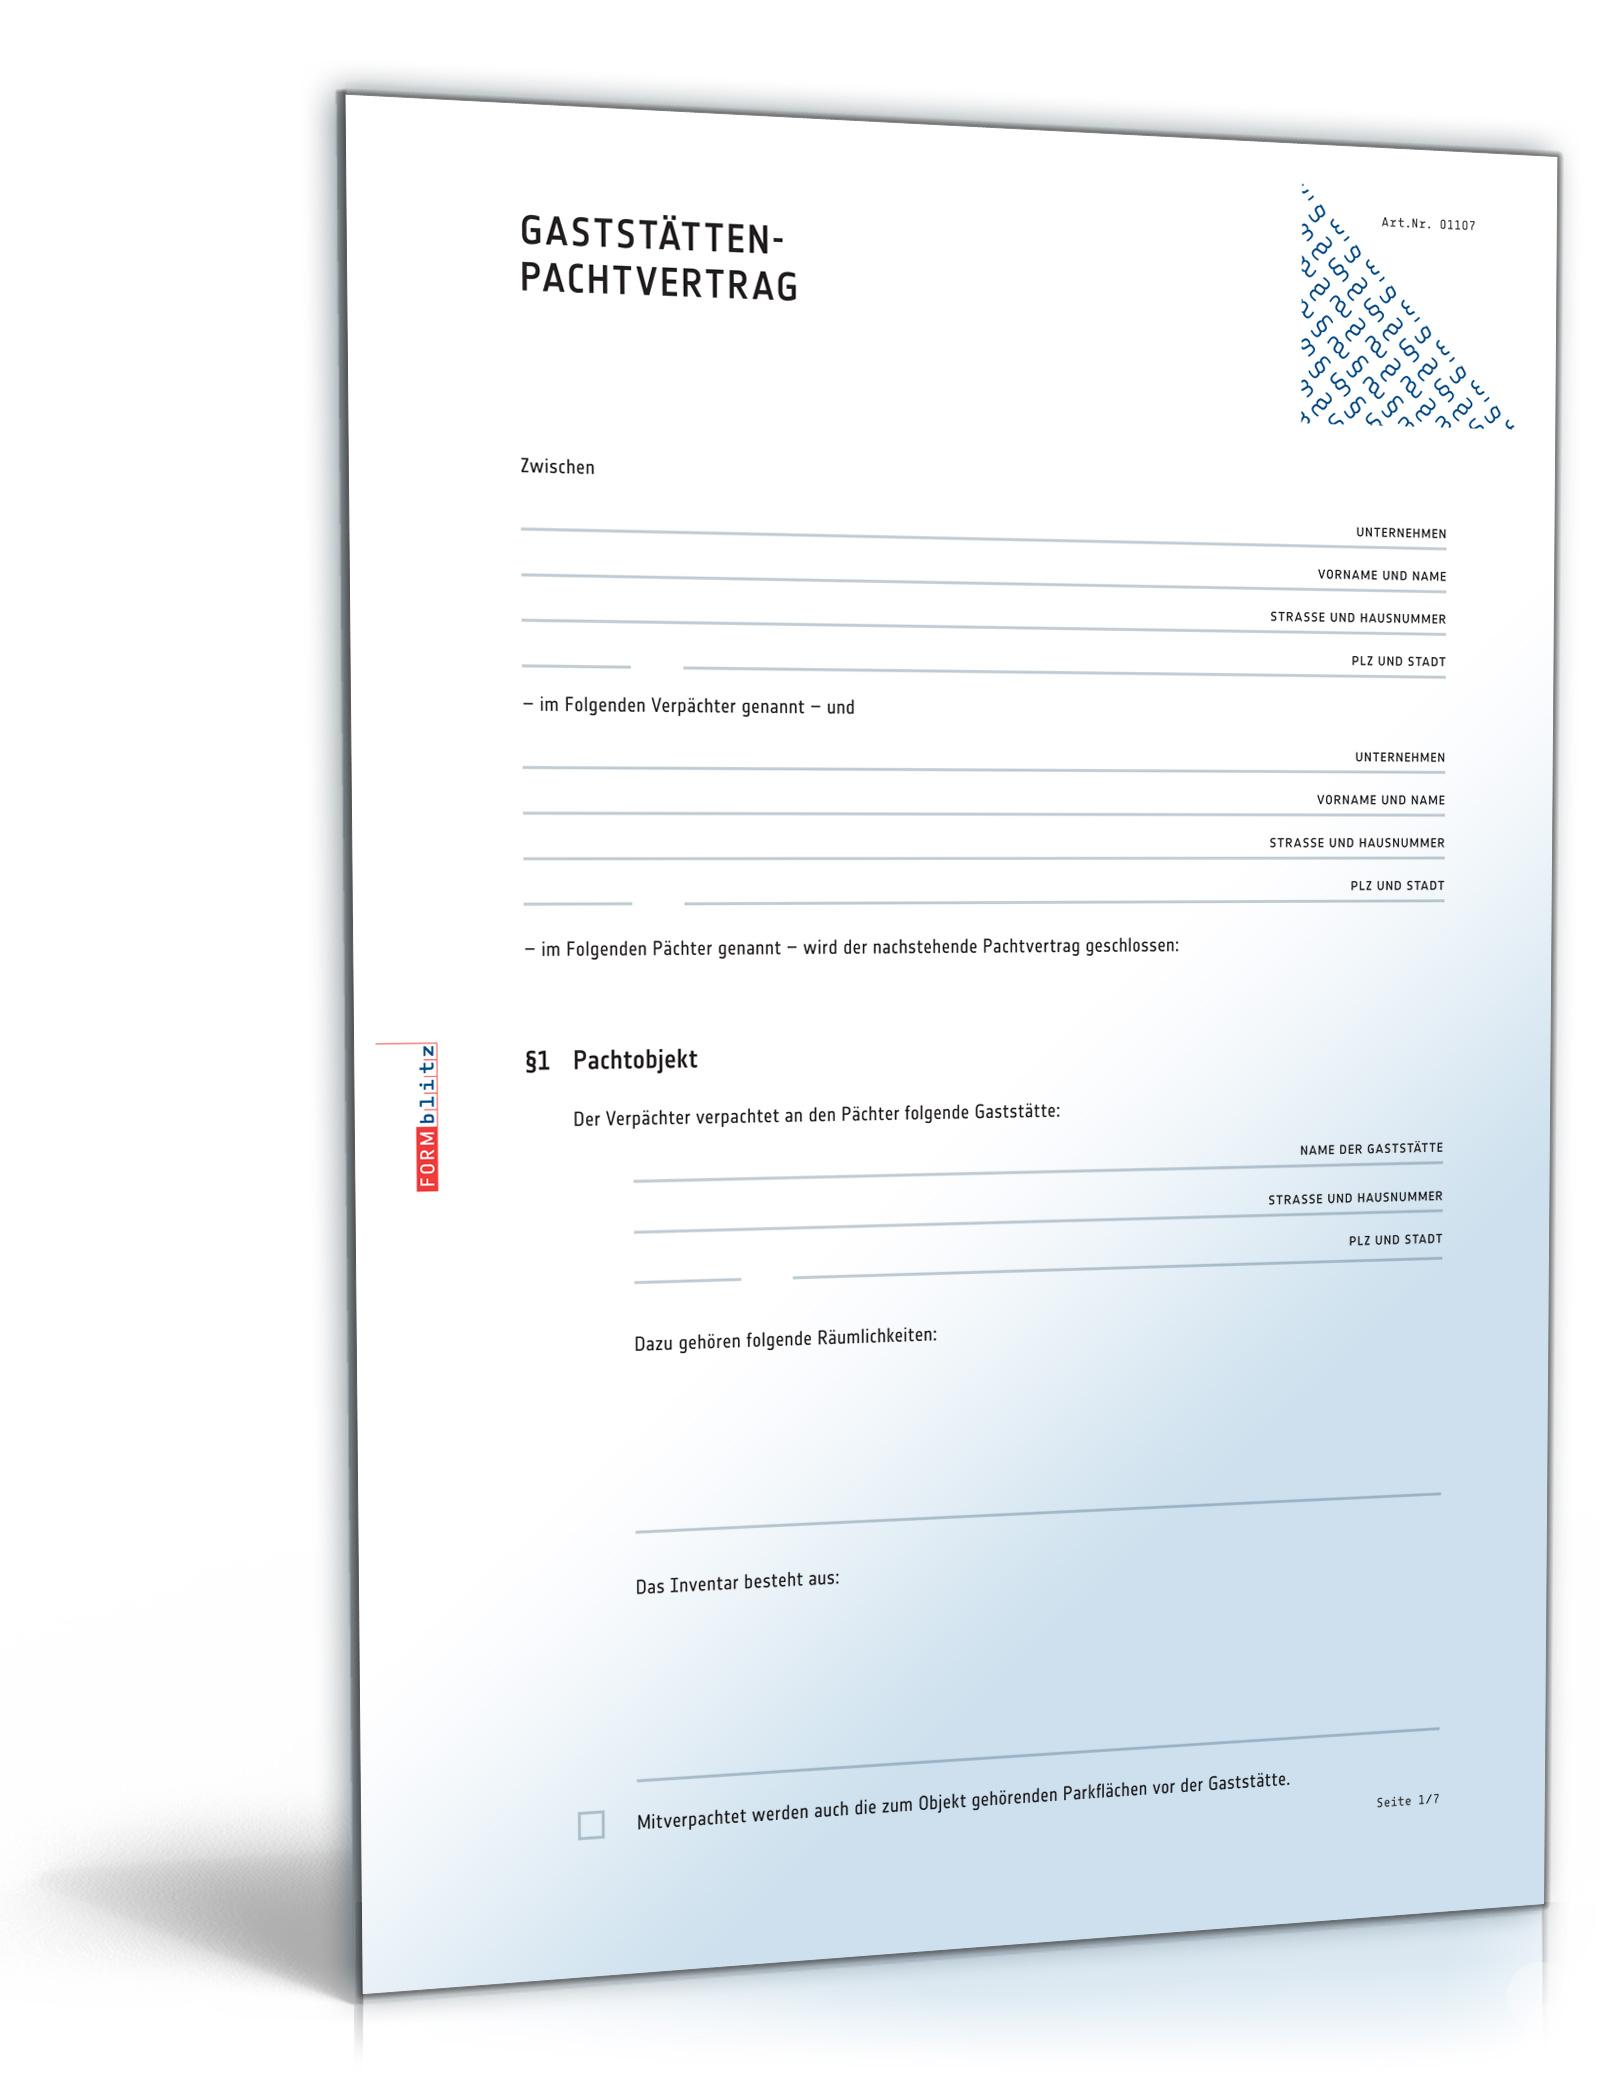 Gaststätten-Pachtvertrag